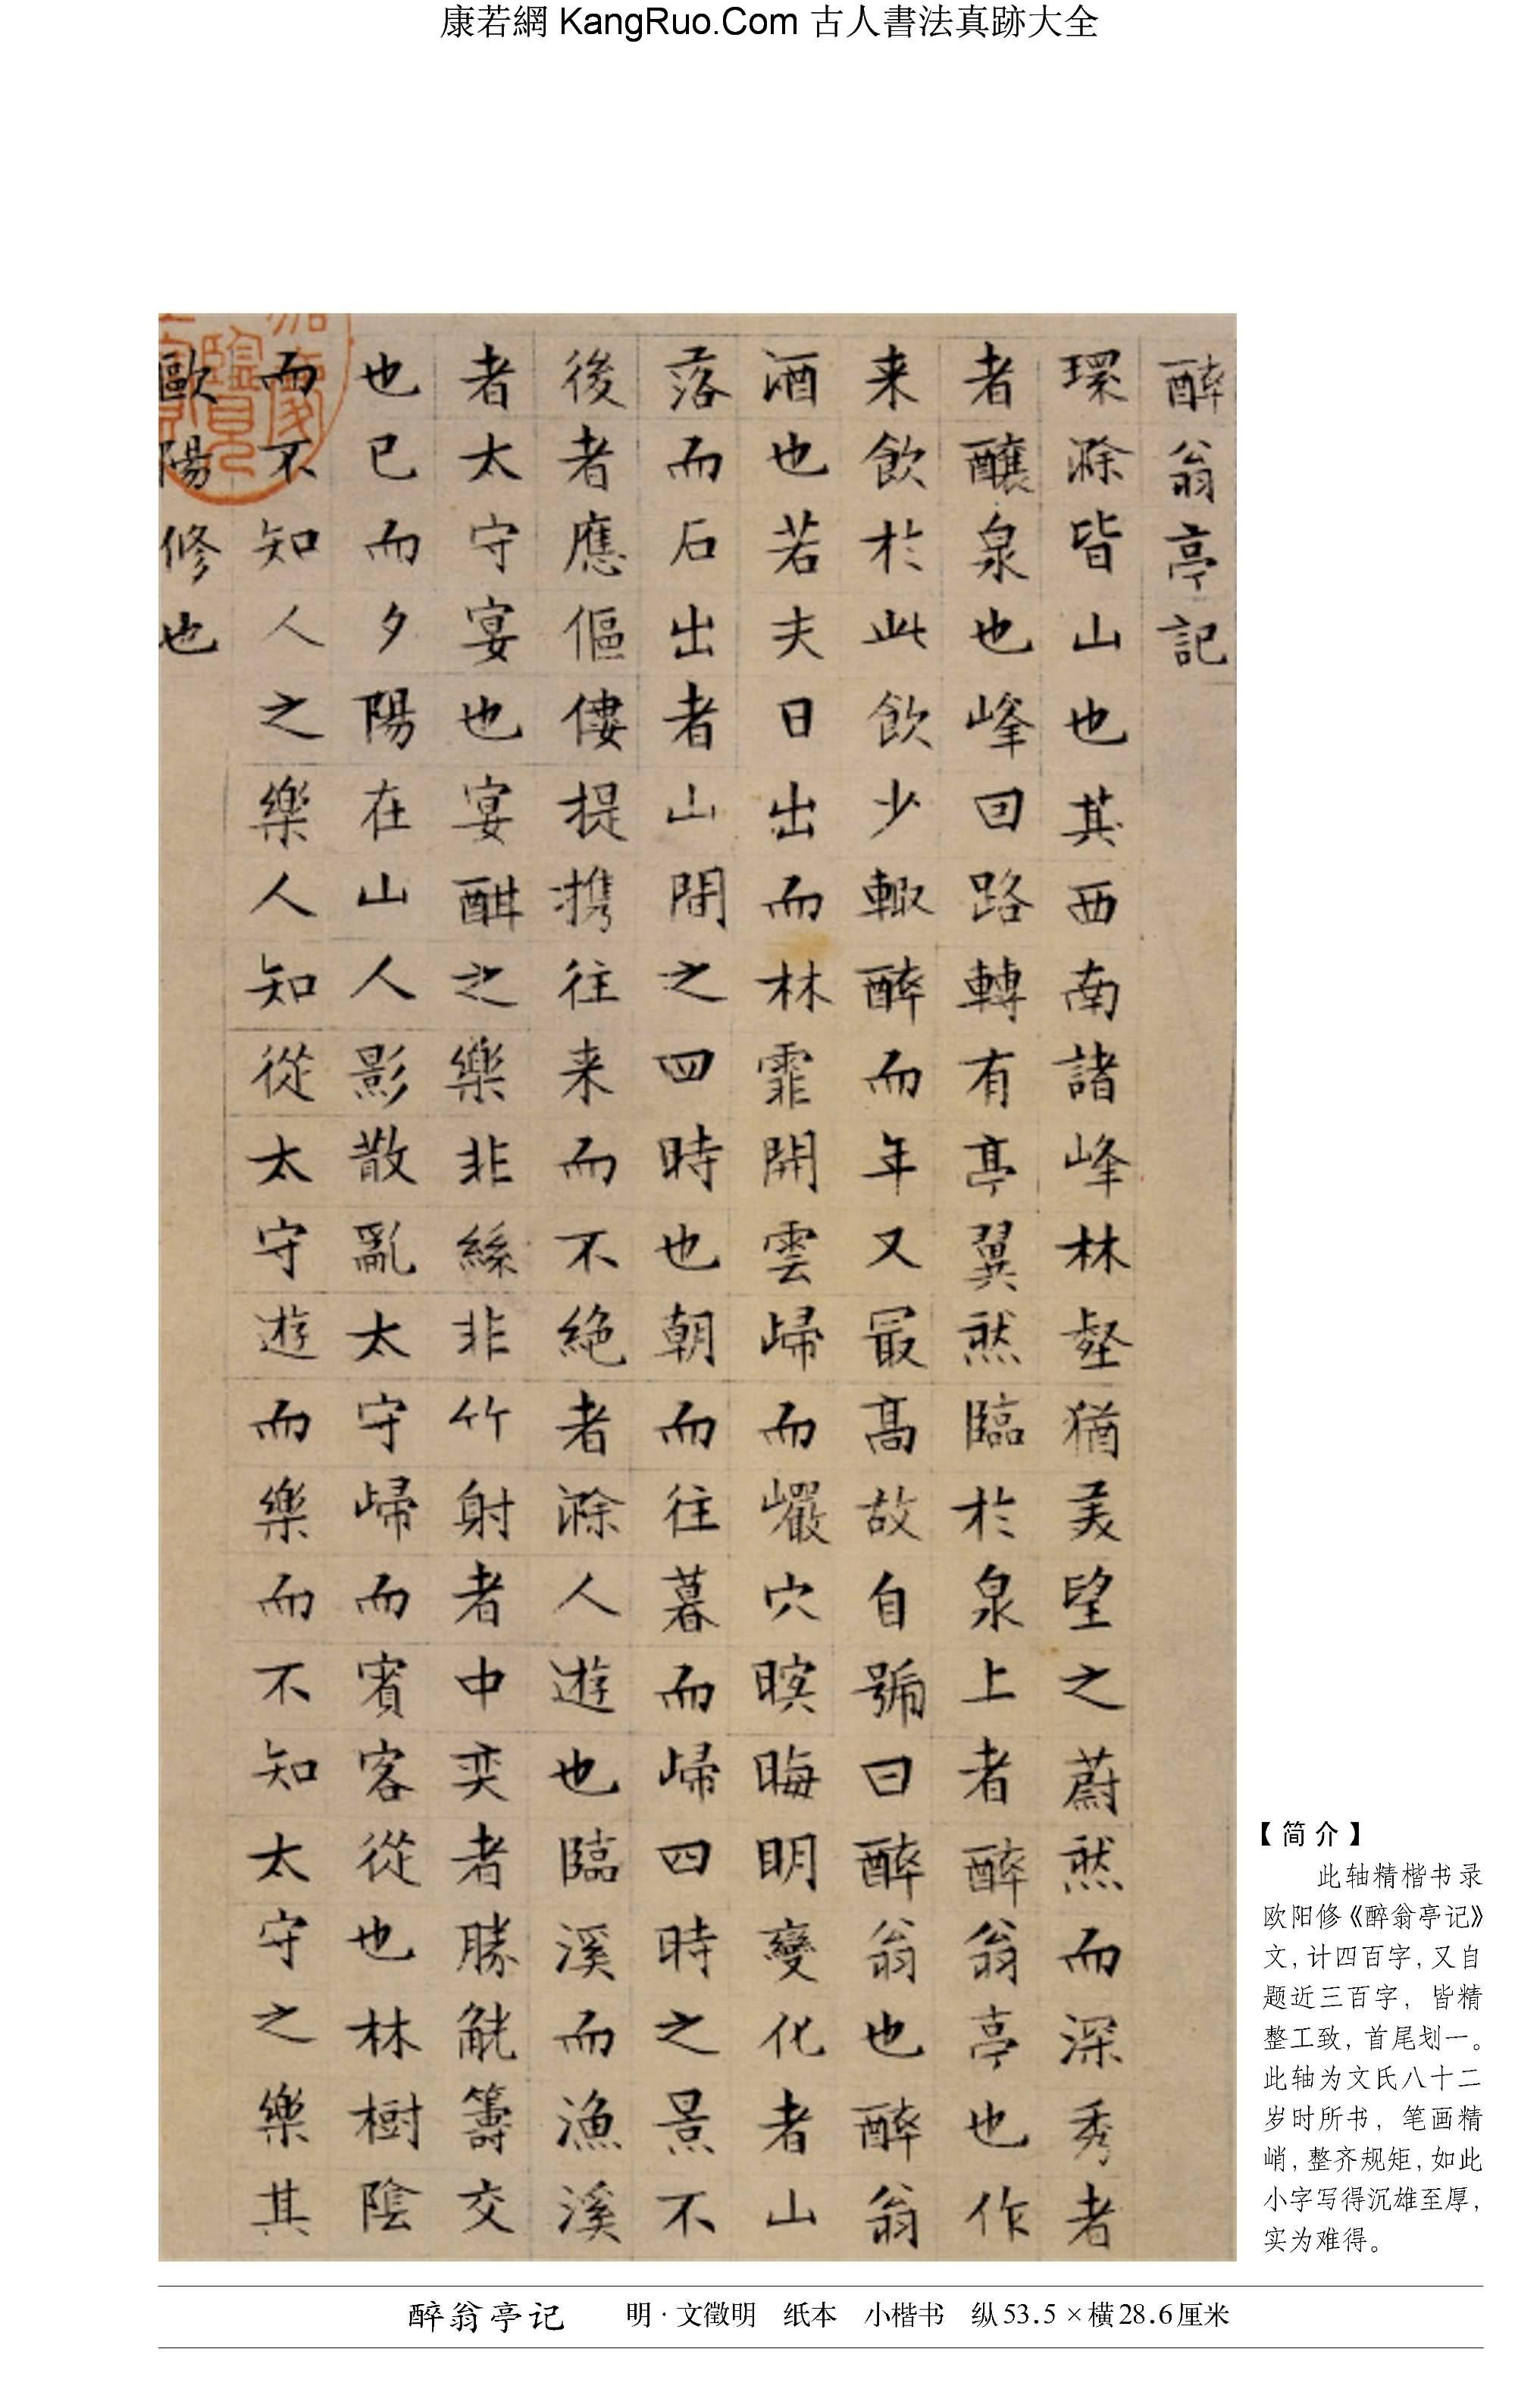 《醉翁亭記》書法真跡(小楷)【明朝·文徵明】_00187